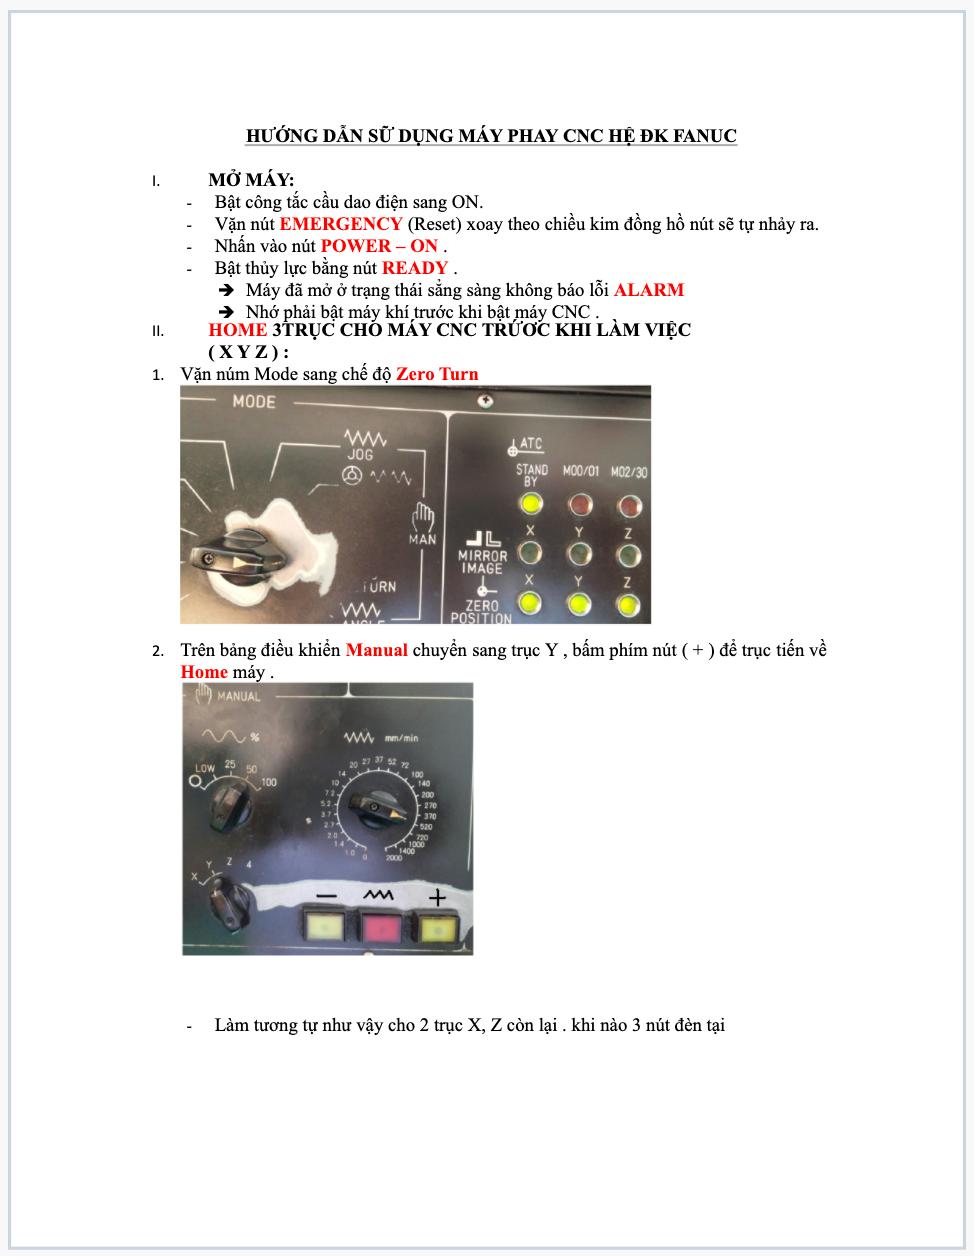 Hướng dẫn sử dụng PHAY CNC hệ FANUC